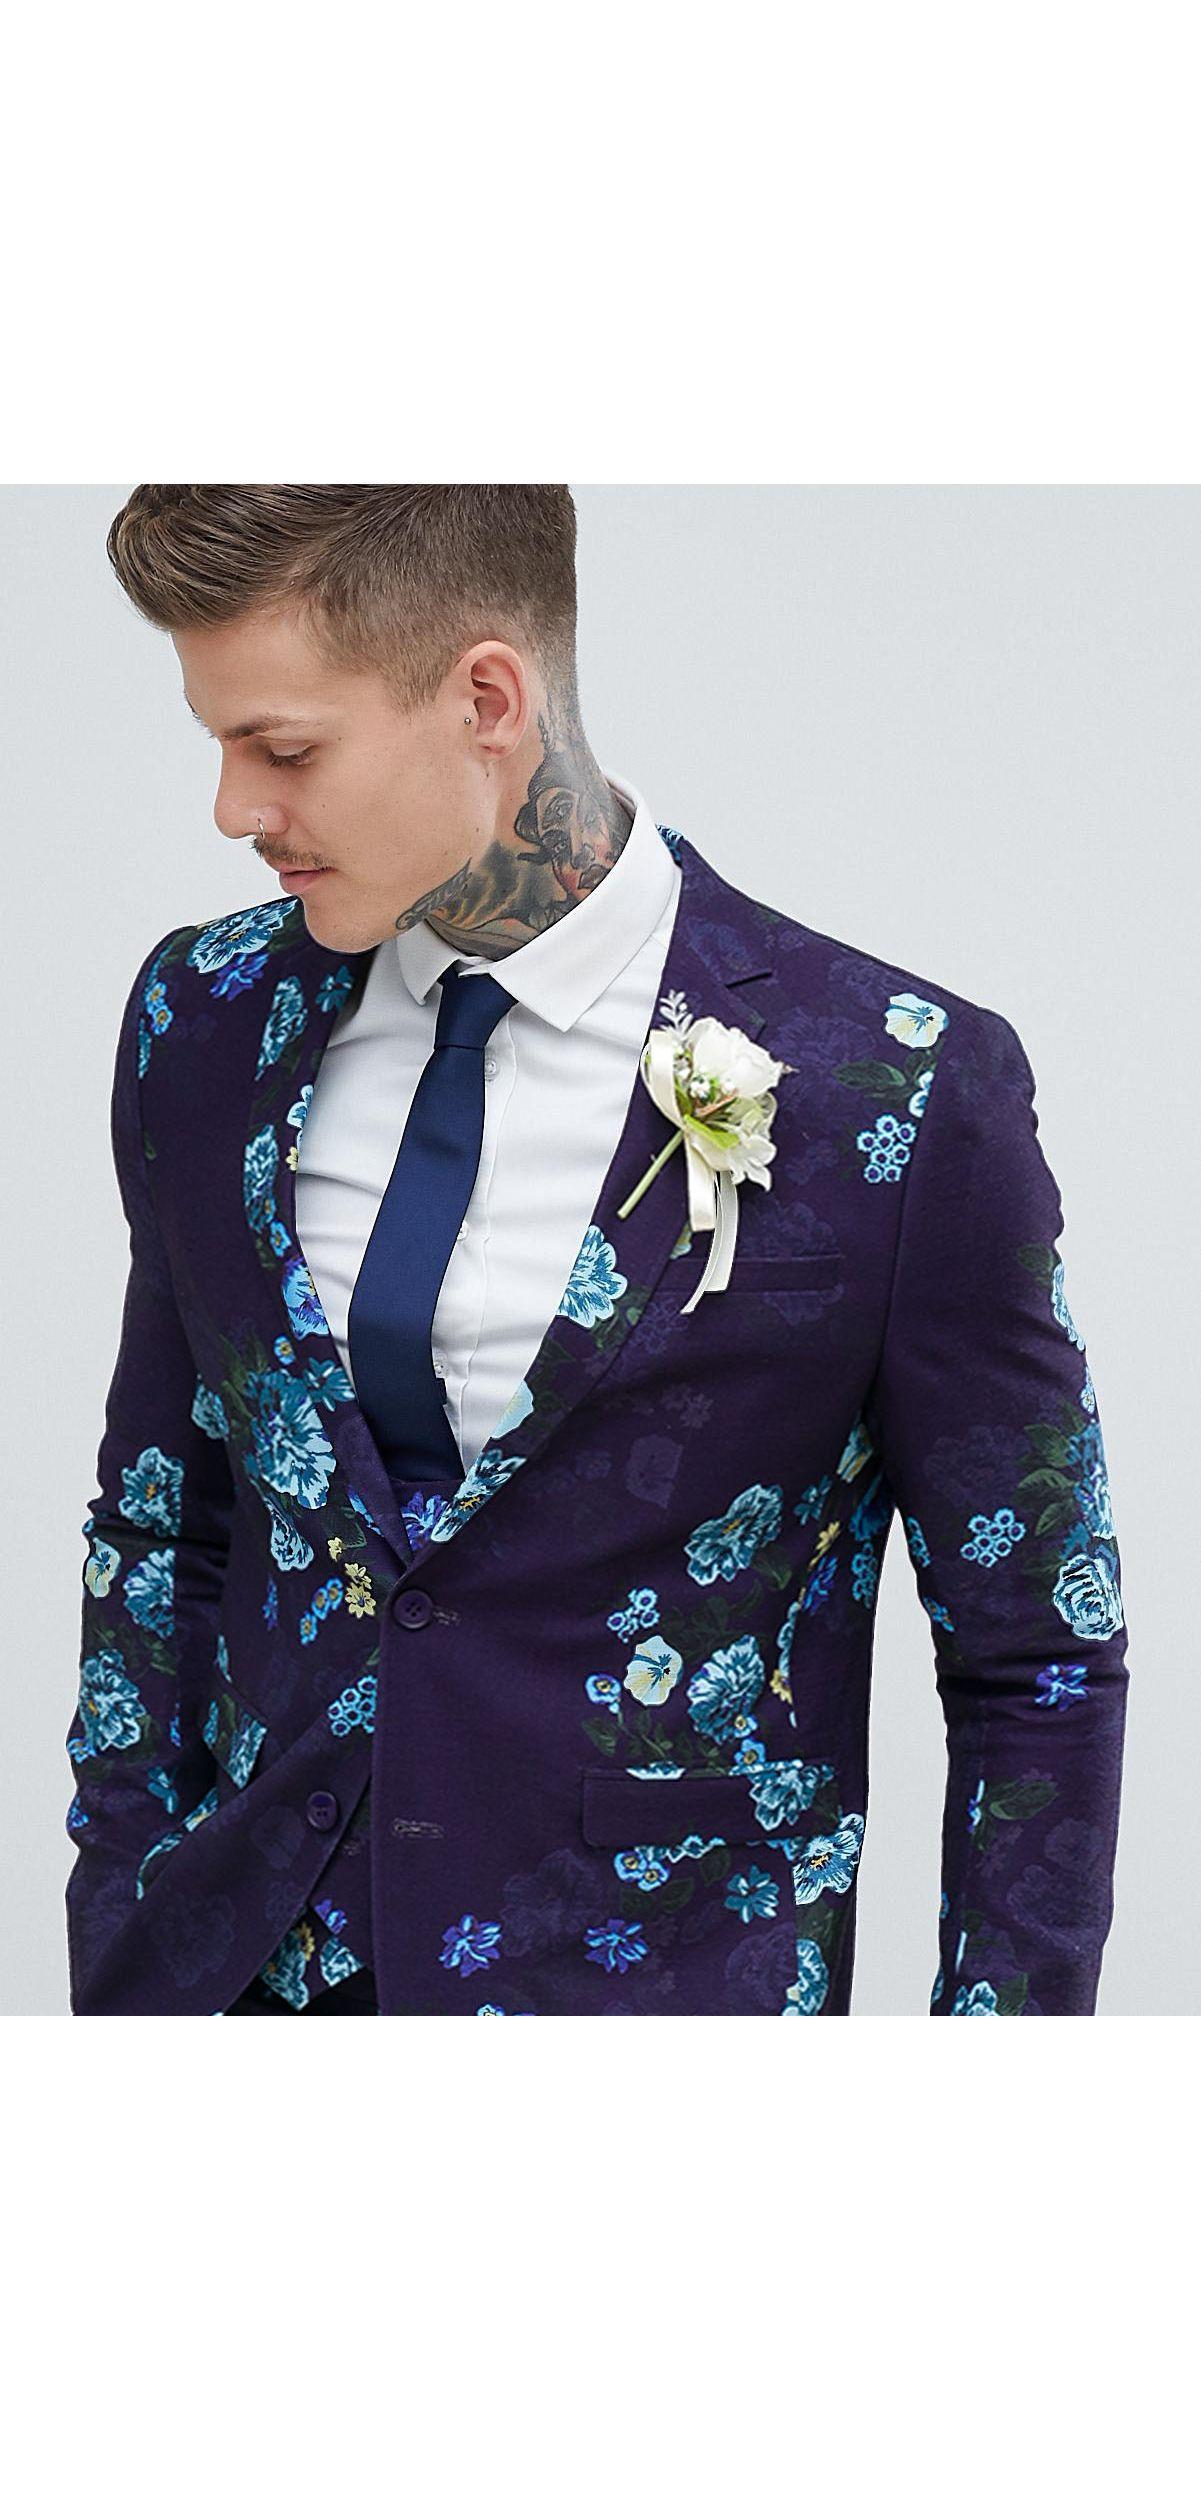 ASOS Linnen Gebloemd Skinny Kostuum Voor Bruiloft Met Linnenlook in het Blauw voor heren